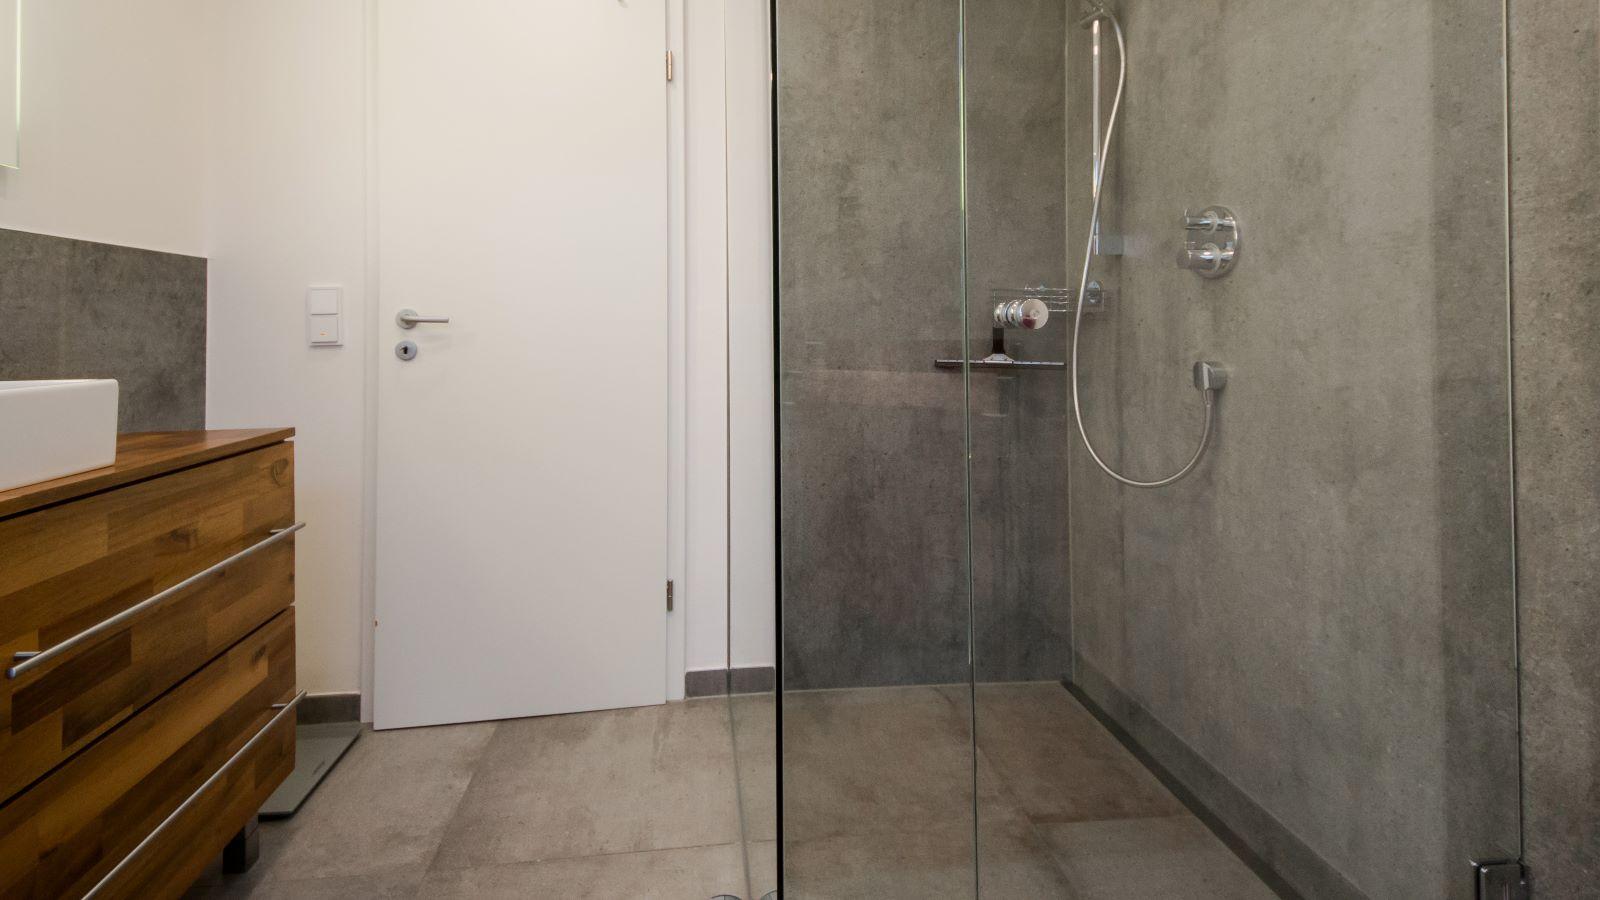 Abgebildet ist die in einer geraeumigen, barrierefreien dusche wandbuendig montierte , extra lange, unauffaellige v4a edelstahl-duschrinne pro. Cm-genau massgefertigt bis 600 cm laenge laesst sich die duschrinne pro einfach zwischen der wand und der glasduschabtrennung montieren. Die unempfindliche duschrinne pro ermoeglicht eine sehr gute linienentwaesserung der bodengleichen dusche. Diese ebenerdige dusche mit xxl-boden- und wandfliesen befindet sich in einem dachgeschossbad.